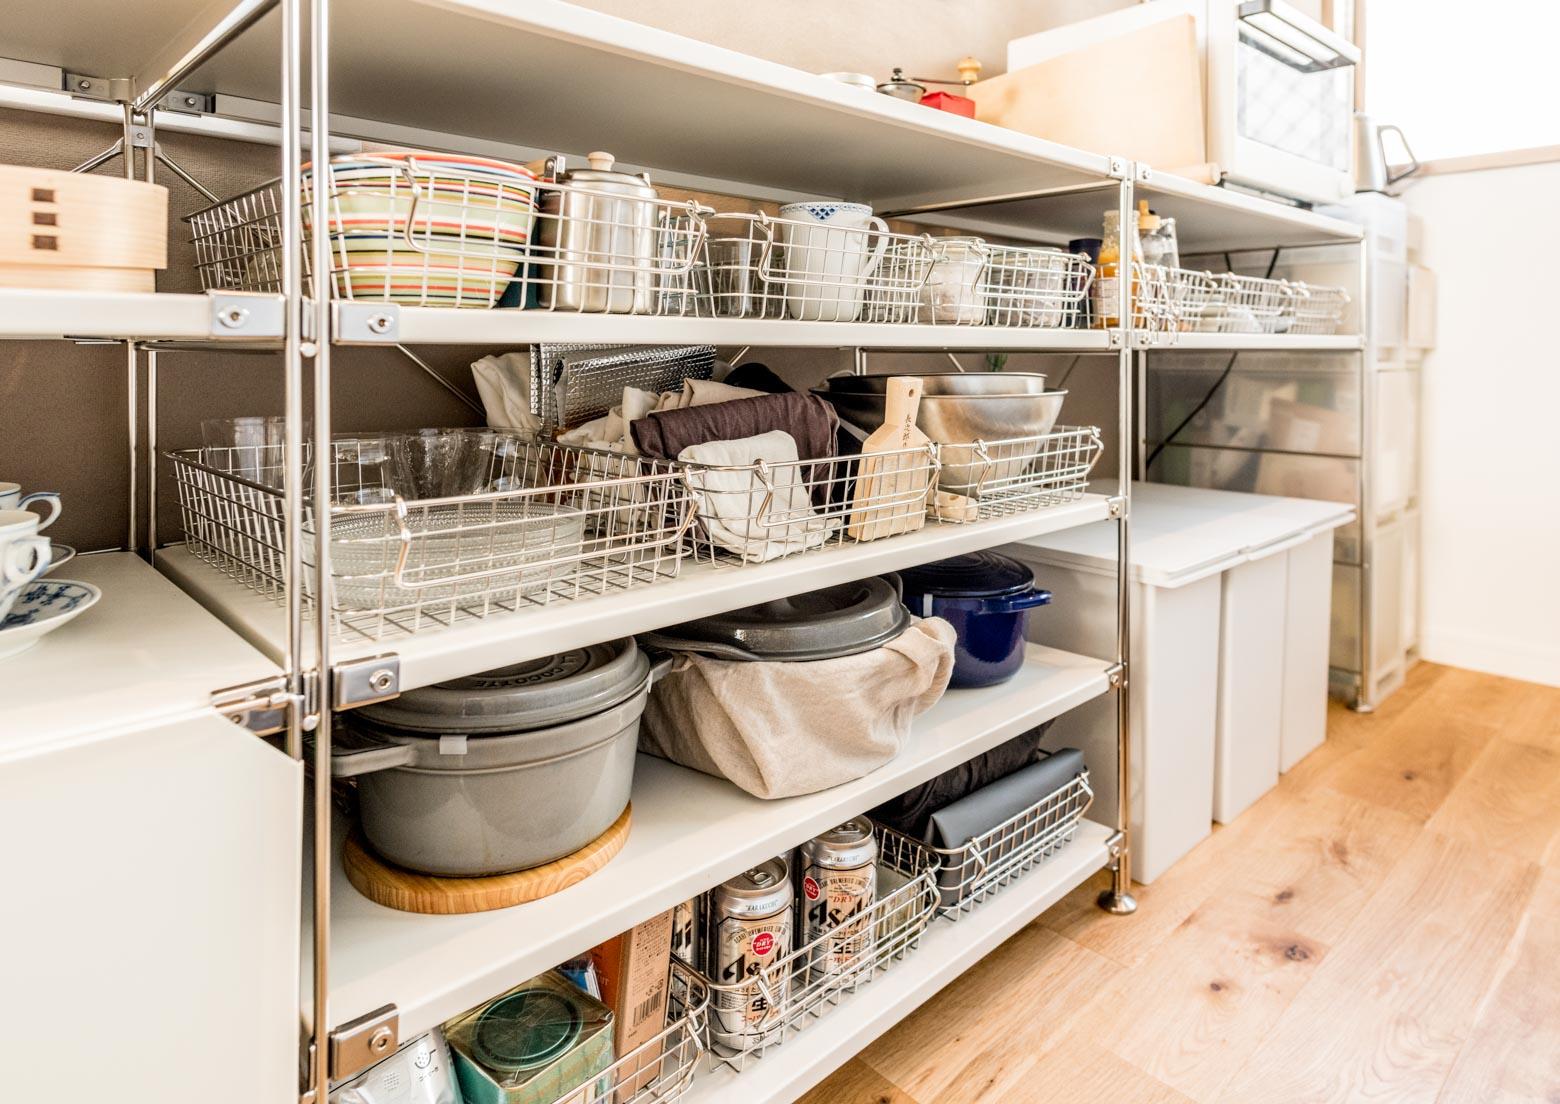 コップなど小さいものの収納は、同じく無印良品の「ステンレスワイヤーバスケット」を使うと、奥まで無駄なく空間が使えて便利です。(このお部屋はこちら)